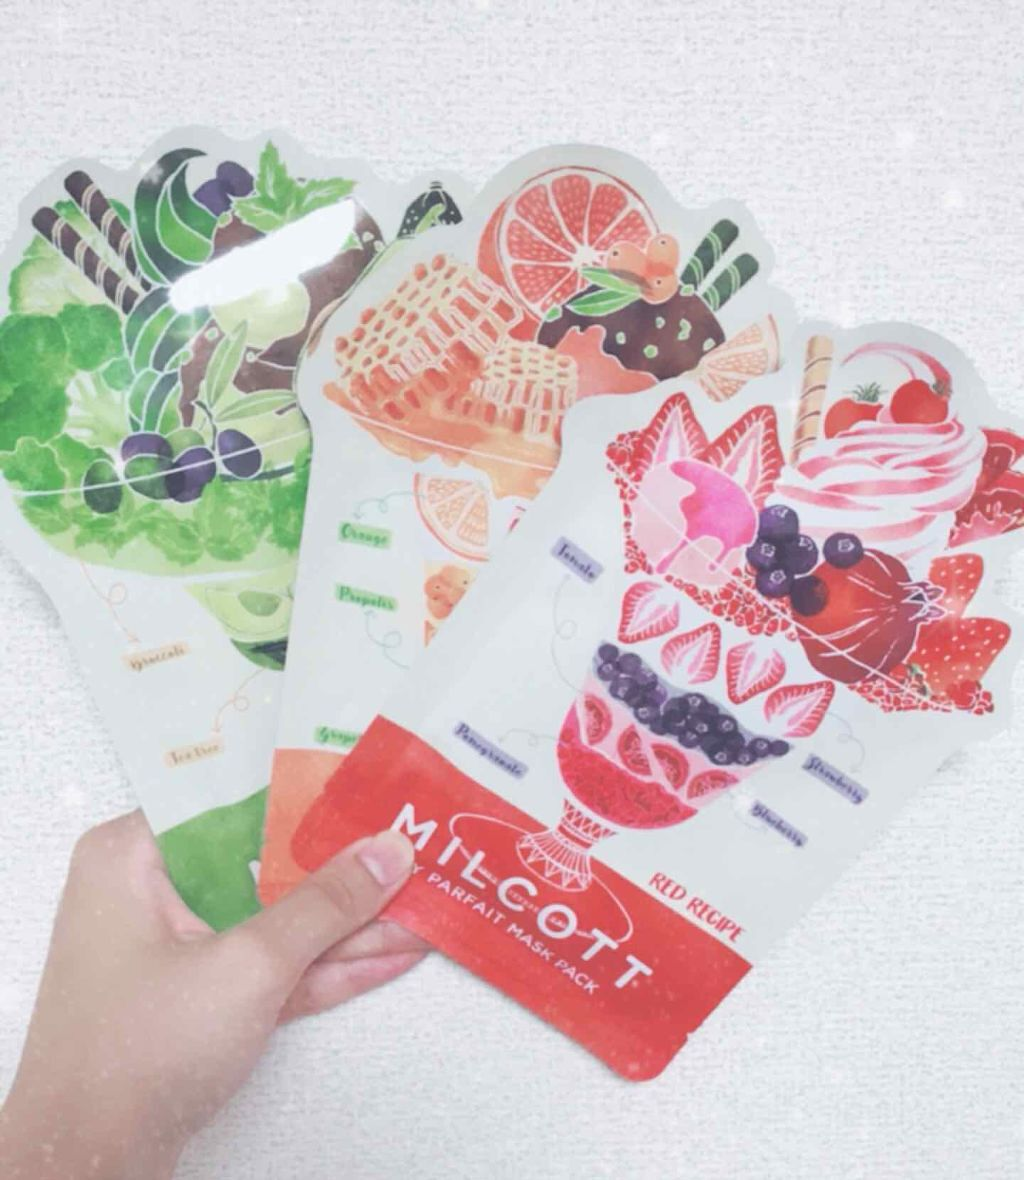 「【おすすめ韓国コスメ/パック編】毎日のスキンケアにも、バラマキ土産にも。人気の韓国パックを総まとめ!」の画像(#29043)